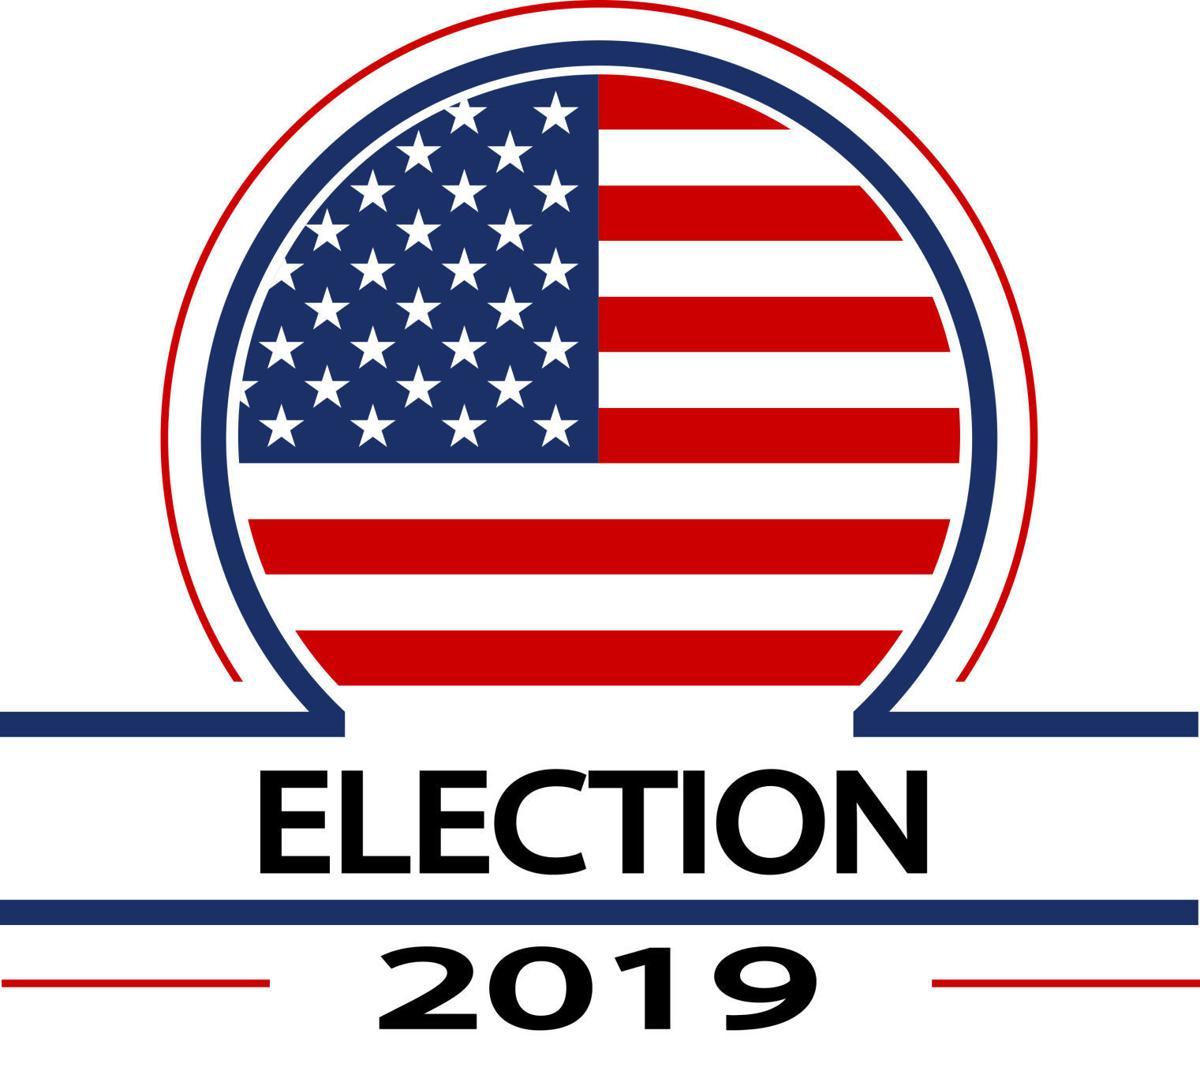 election 2019 logo elex